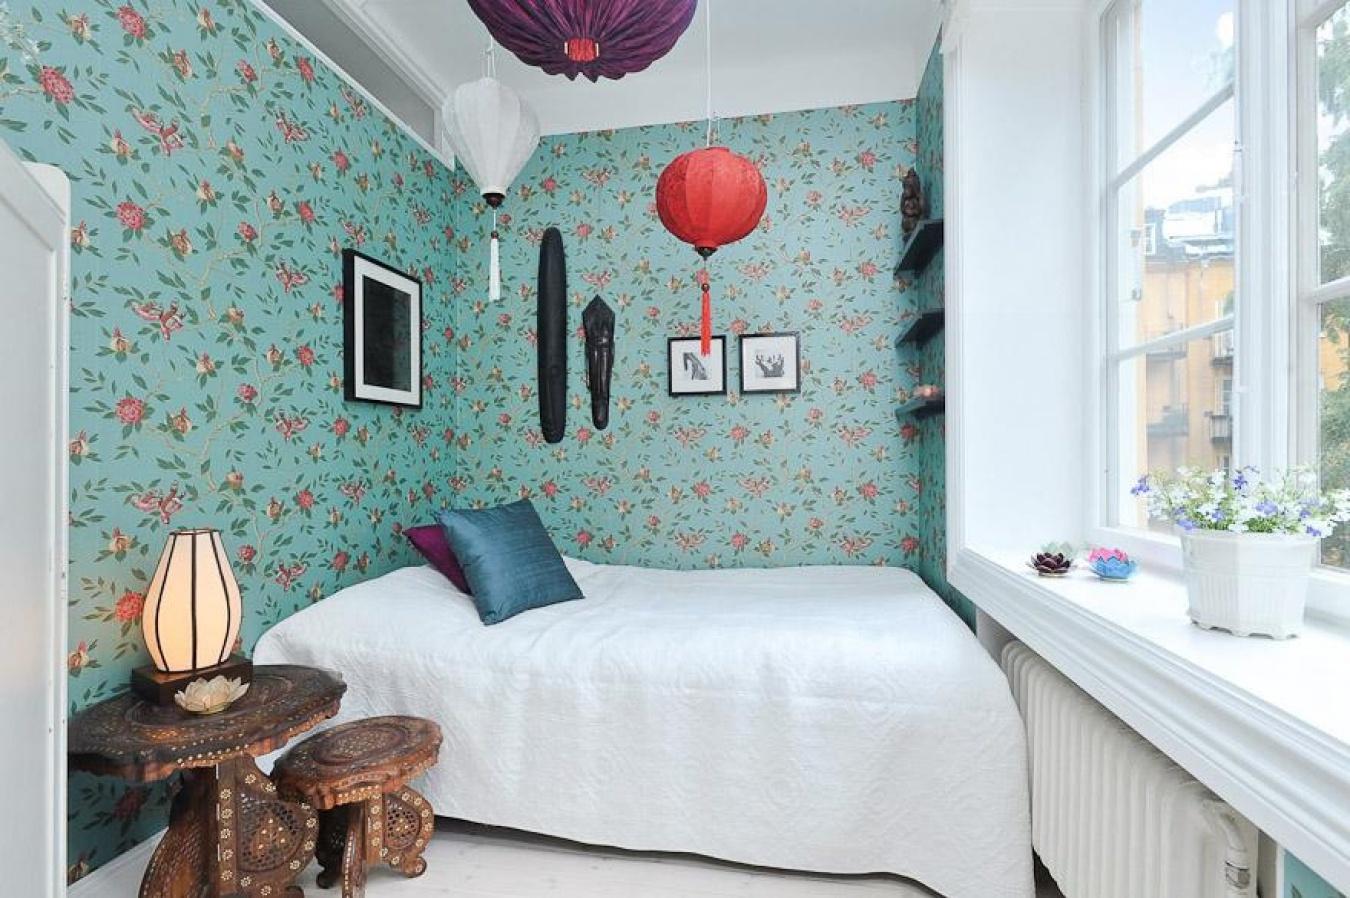 Фотообои для спальни в интерьере для маленьких комнат фото